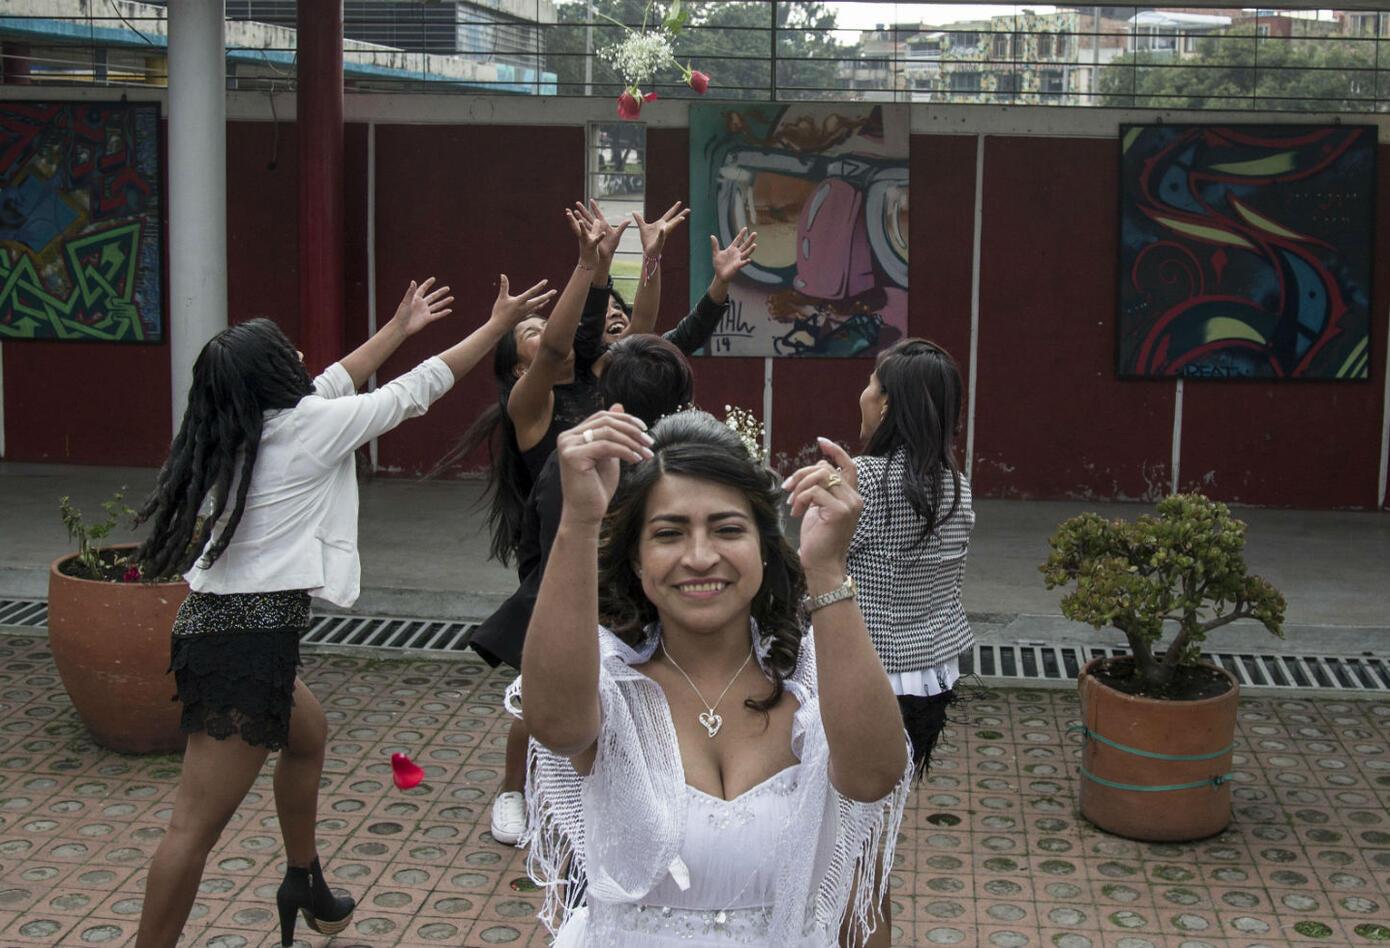 """Las bodas masivas se dieron en el marco de la primera """"Casatón por la paz"""", impulsada por la estatal Agencia Colombiana para la Reintegración para ayudar a los excombatientes de los grupos paramilitares de ultraderecha desmovilizados en 2006 y a exguerrilleros izquierdistas a formalizar sus matrimonios a bajos costos."""